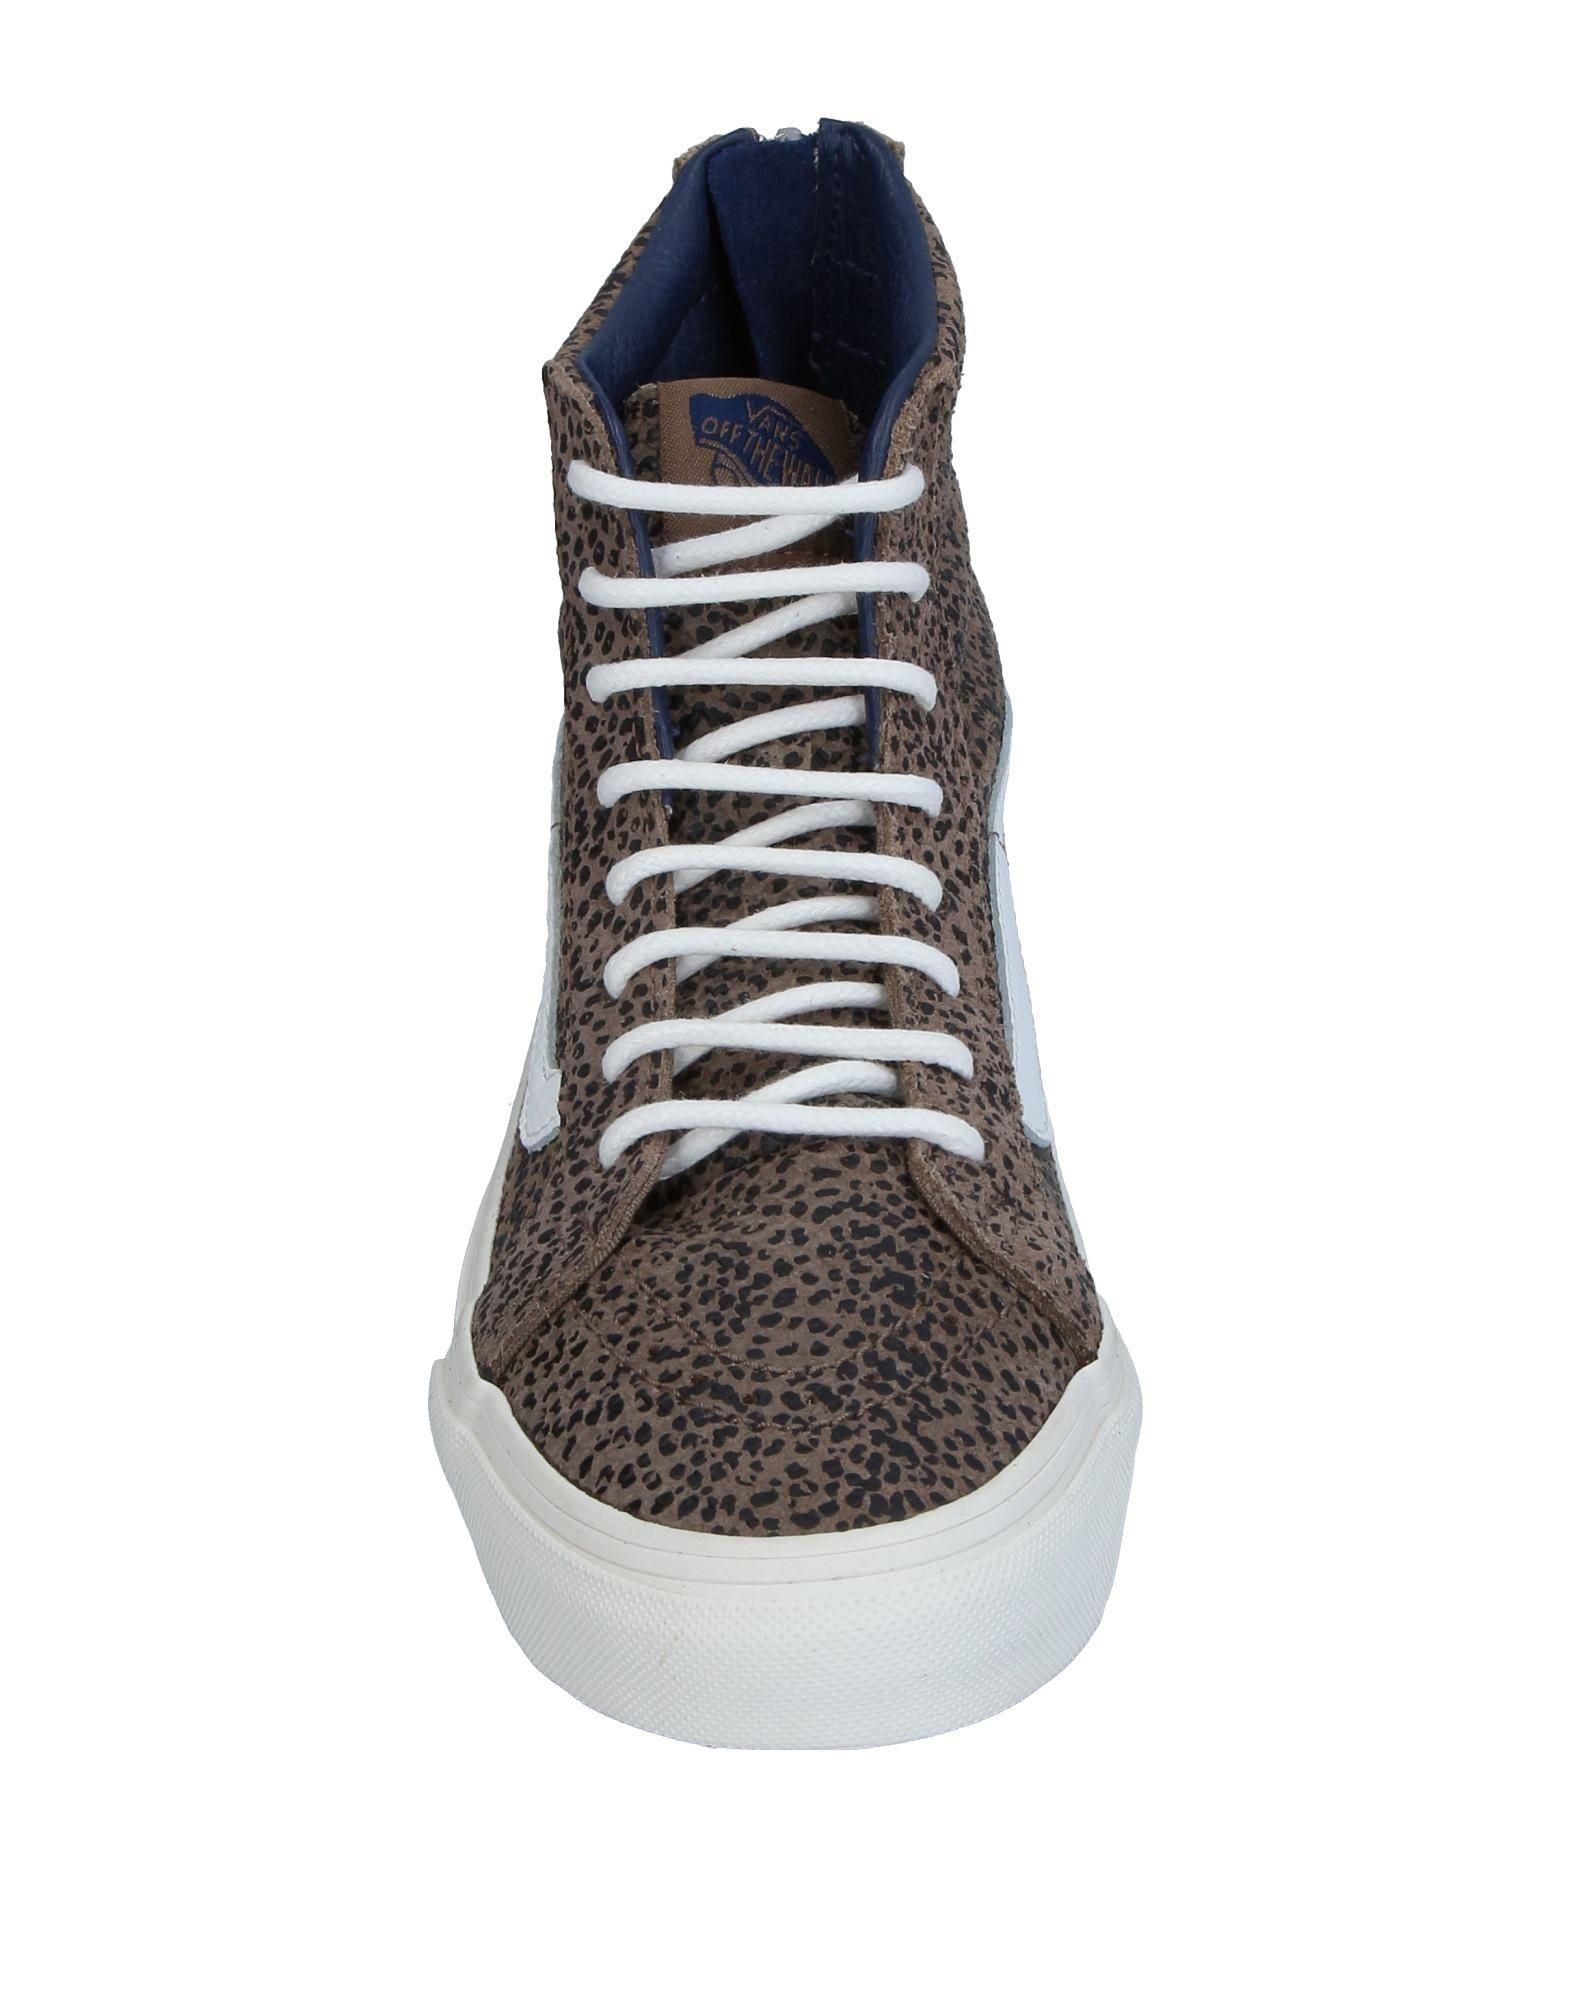 Vans Vans Vans Sneakers Damen  11339330PS Heiße Schuhe 9c63de